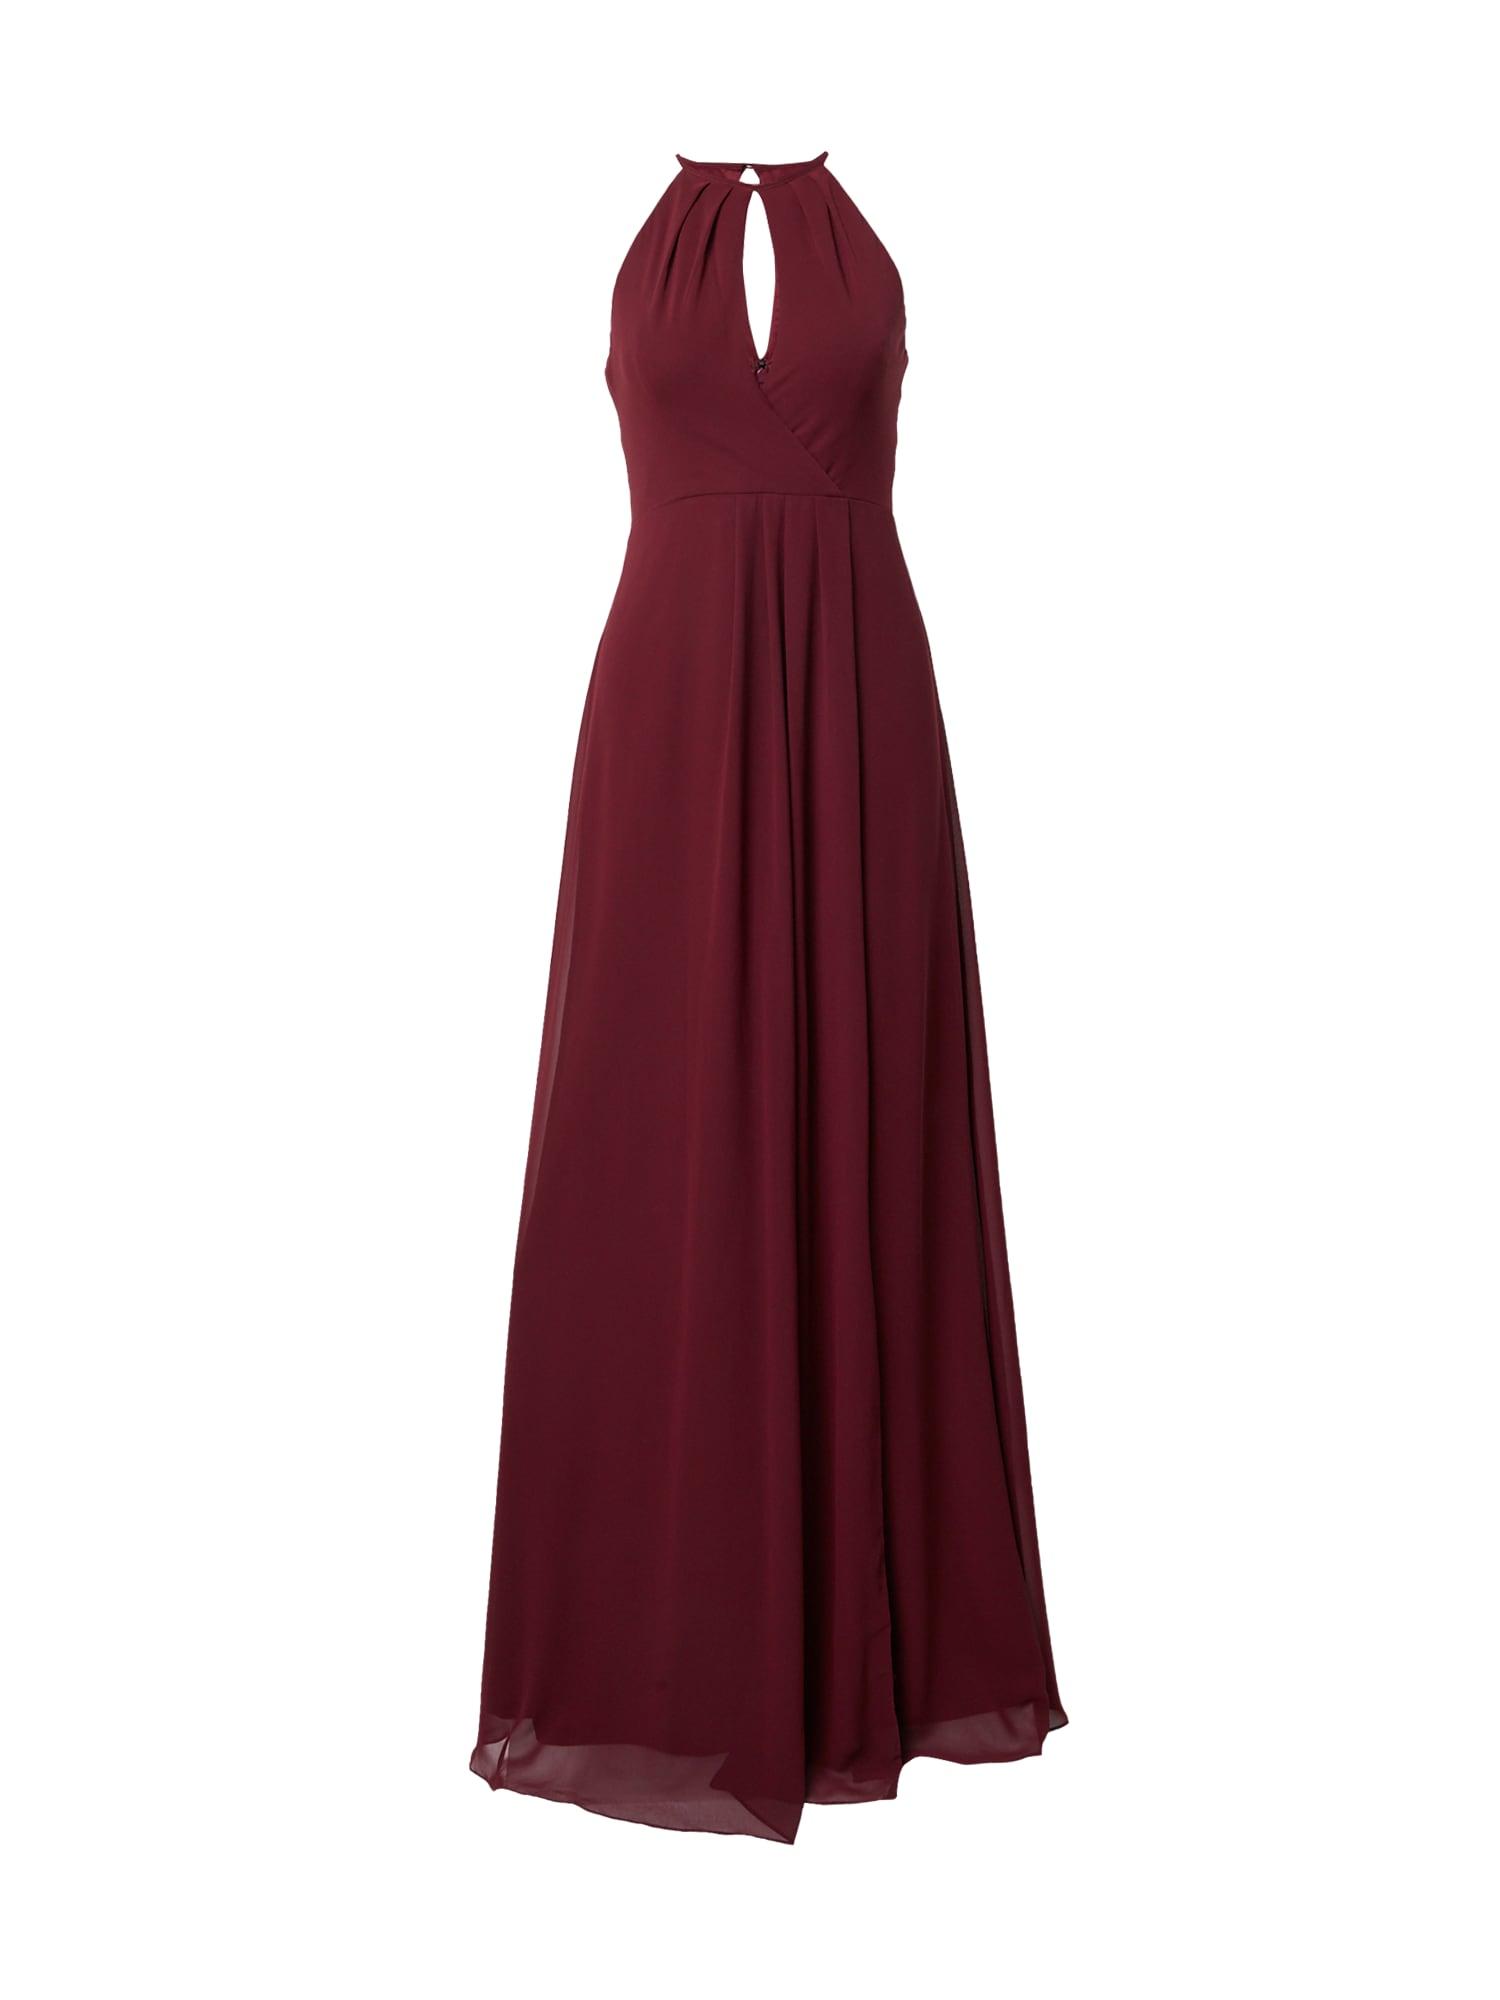 STAR NIGHT Vakarinė suknelė rubinų raudona